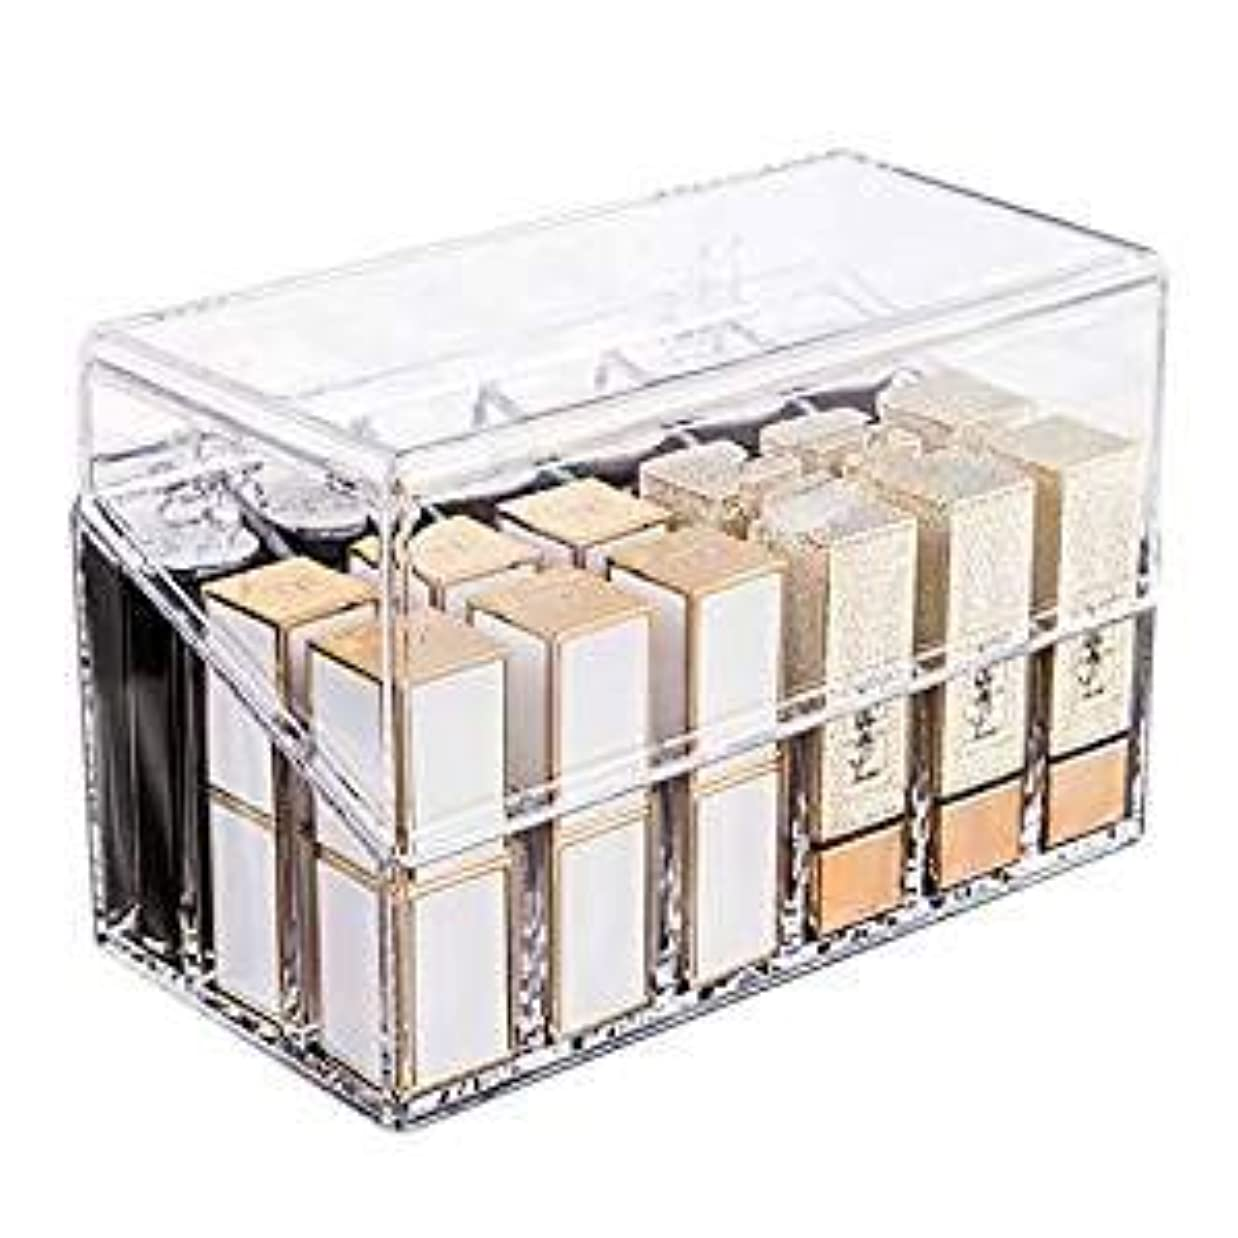 改革測定ひそかに口紅収納ボックス 18本 アクリル リップスティック収納ケース コスメ小物用品 化粧品収納ケース 透明